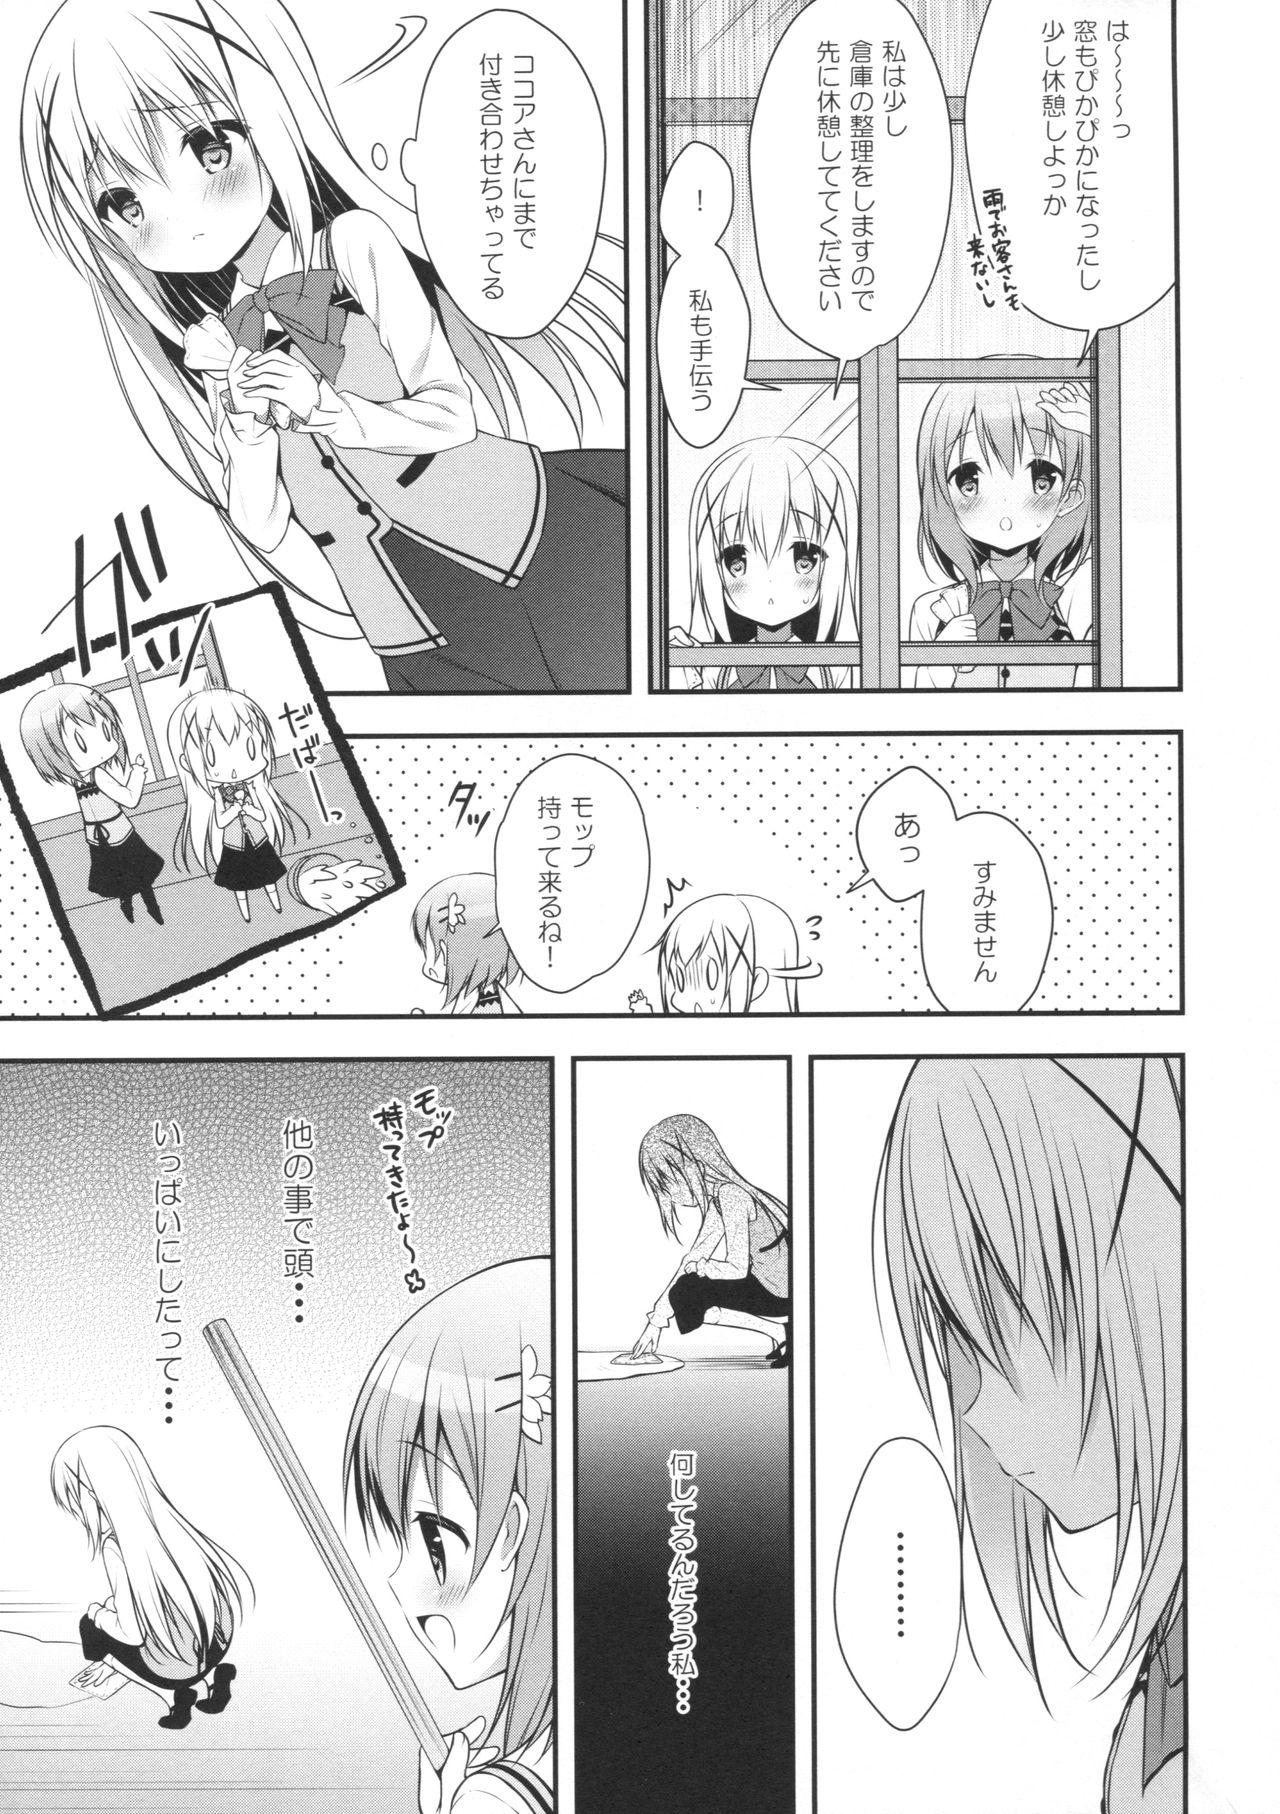 Chino-chan wa Goshuushin Kokoa√ 9